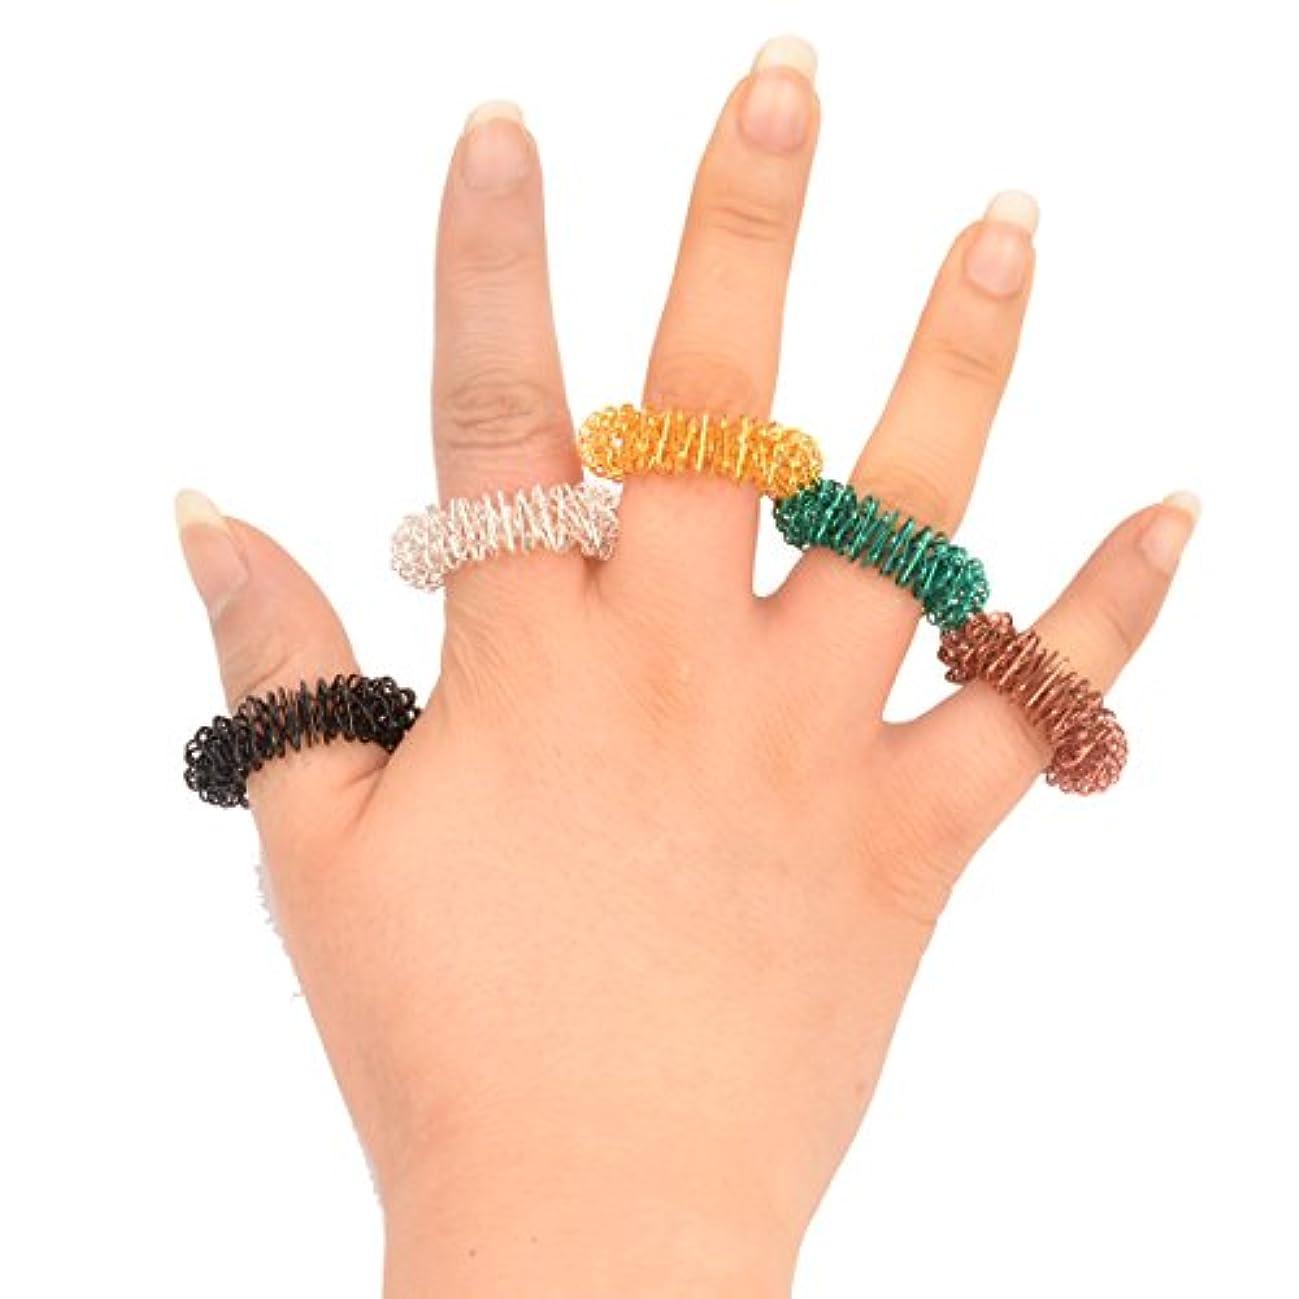 血まみれドロップブッシュ(Ckeyin) マッサージリング 5個入り 爪もみリング 色はランダムによって配送されます (5個)